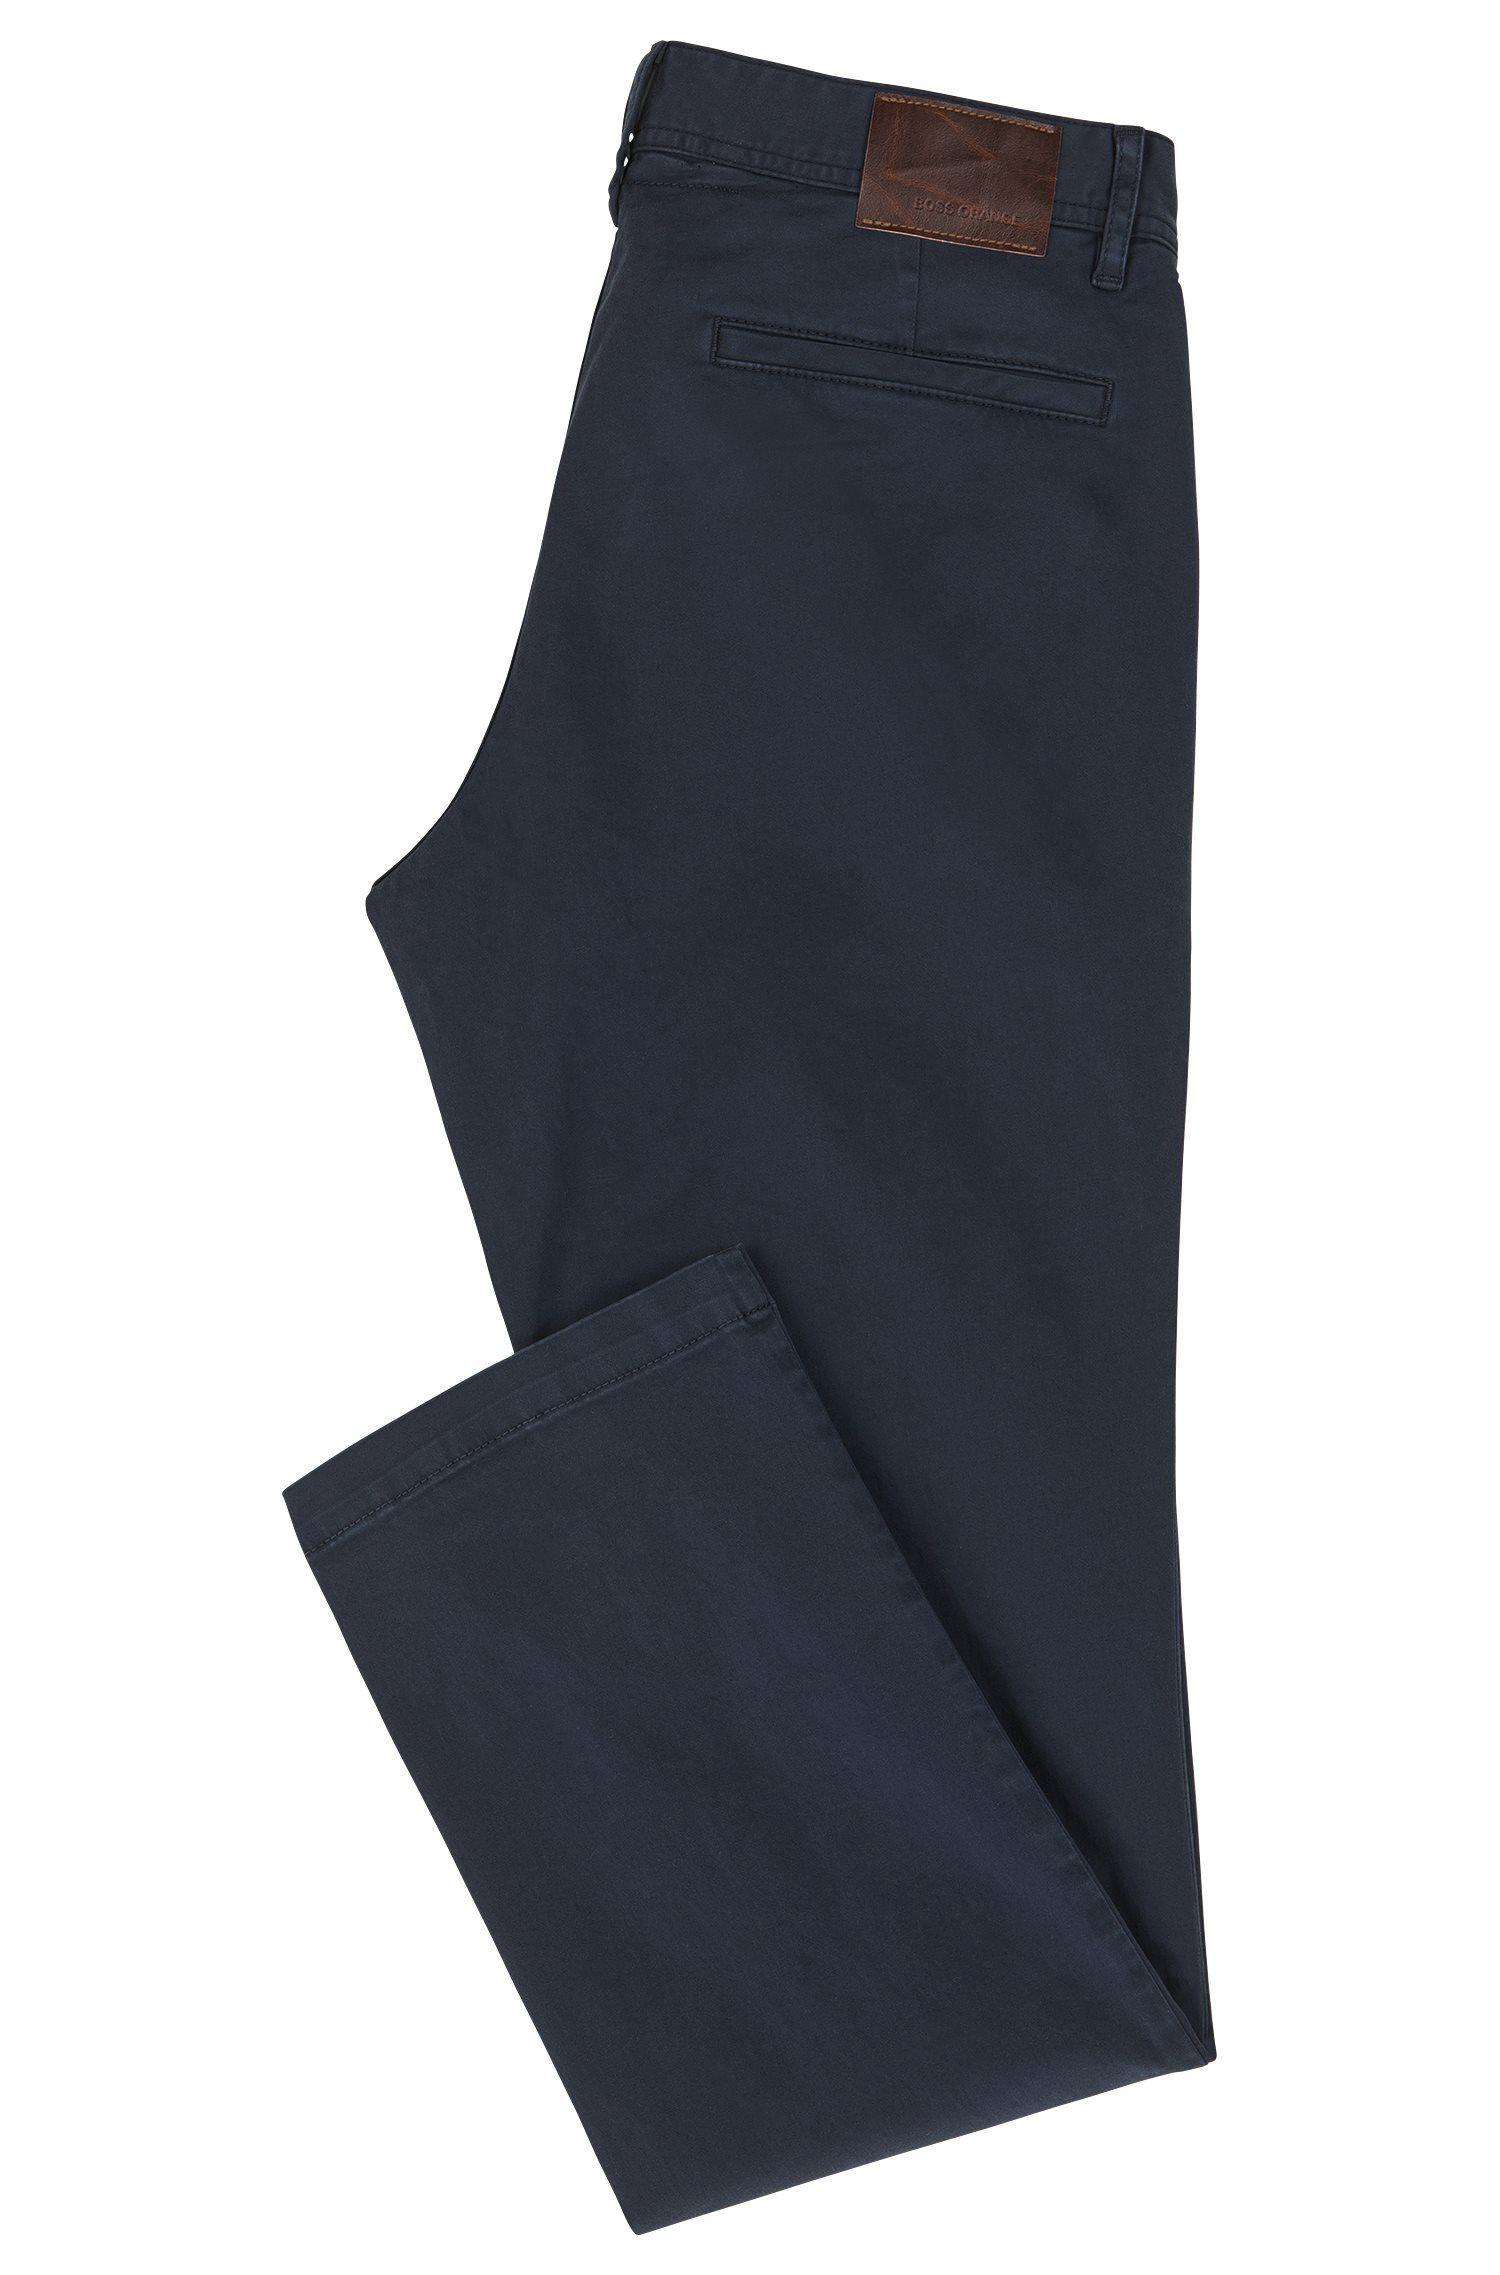 Chinos regular fit en algodón elástico cepillado